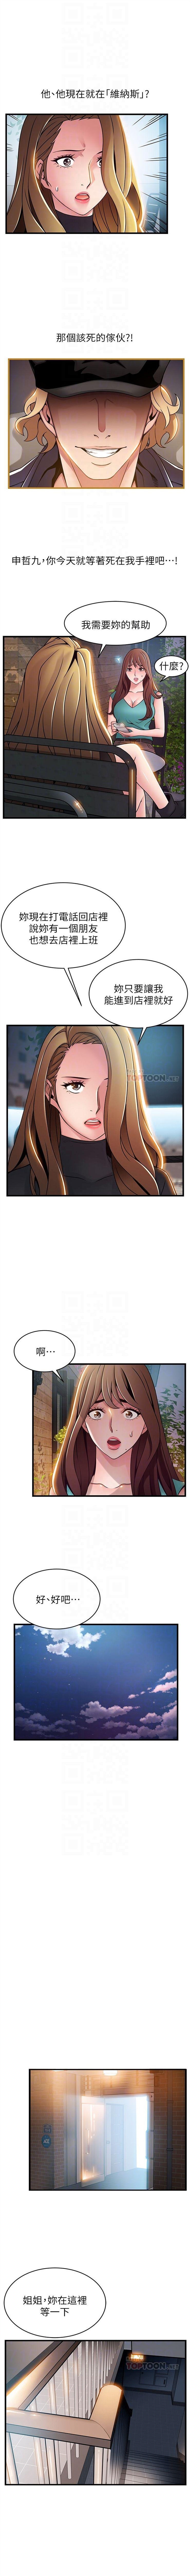 弱点 1-64 中文翻译(更新中) 345